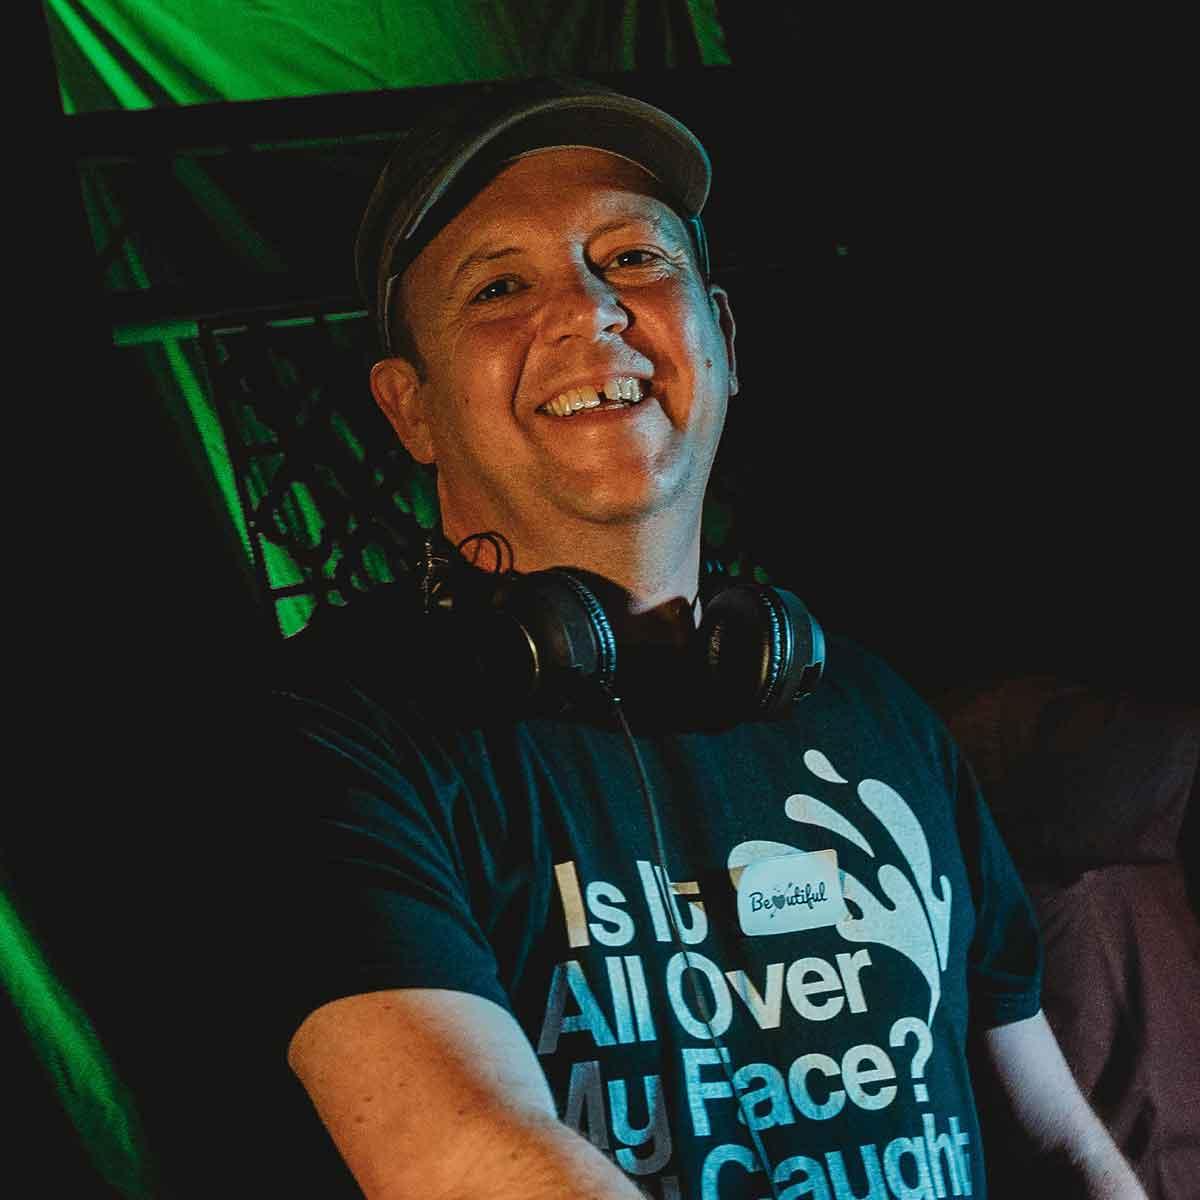 DJ Shep